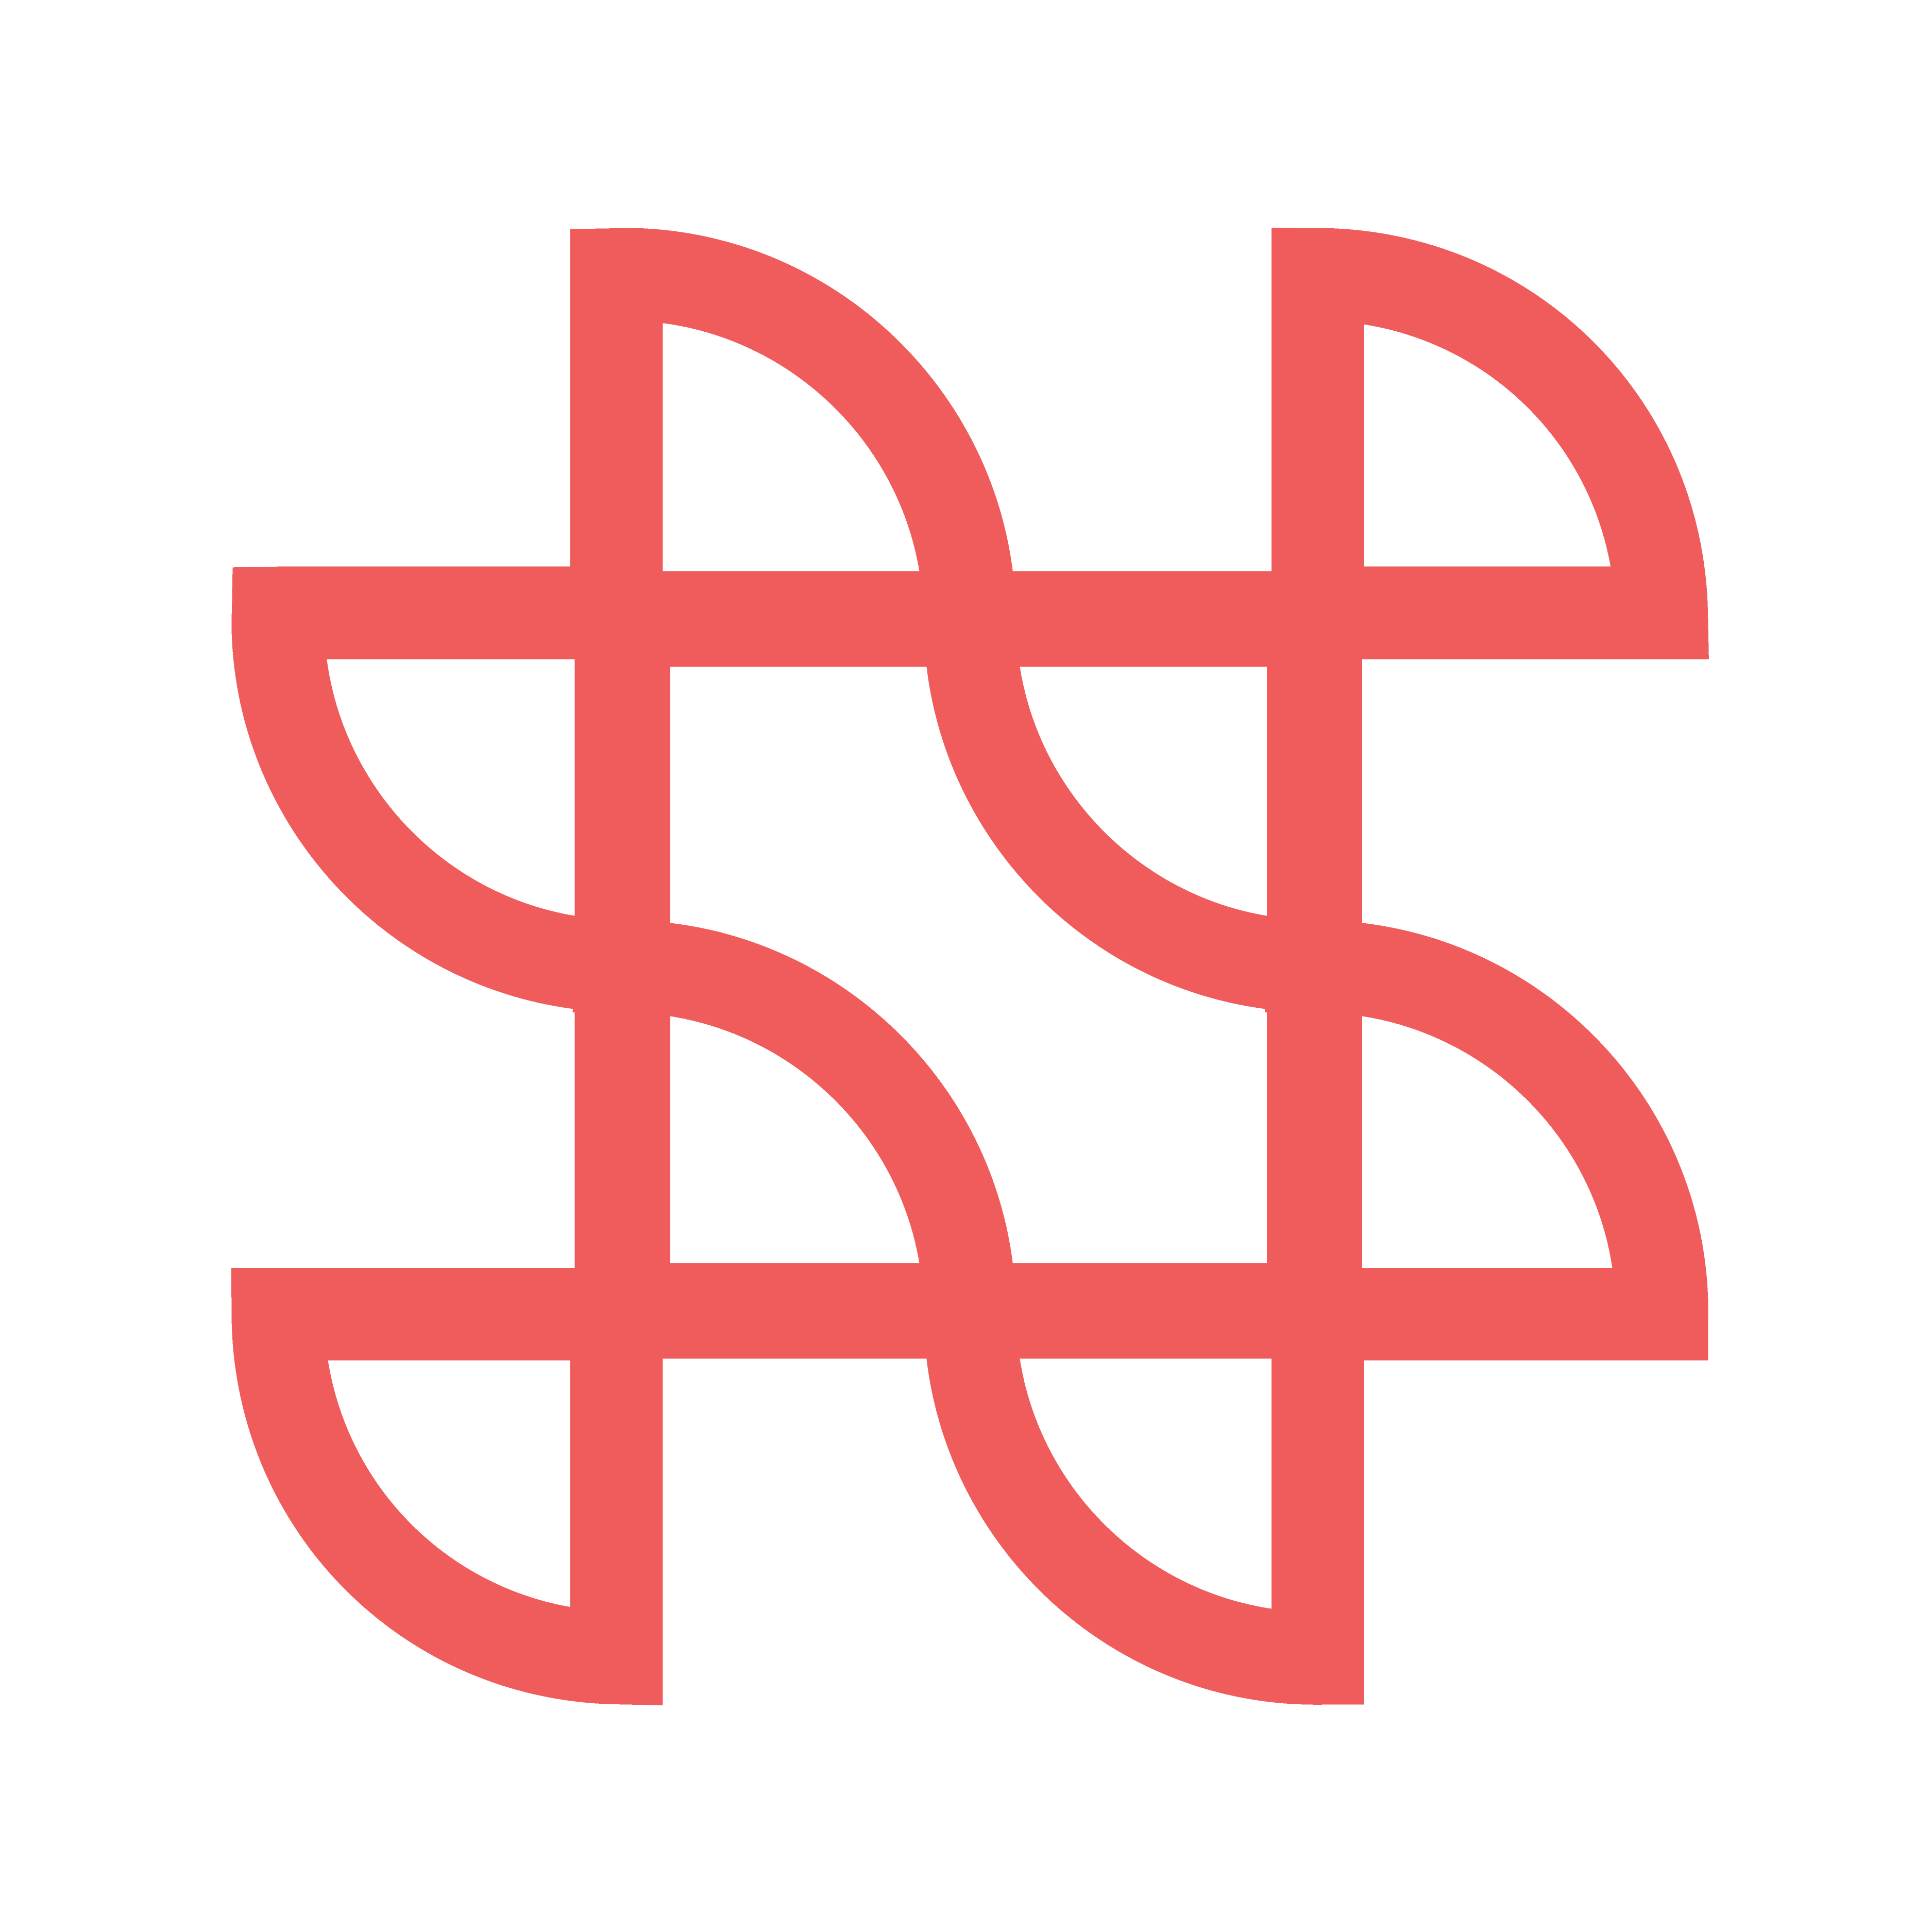 Sitelogic Monogram logo design by logo designer Malt